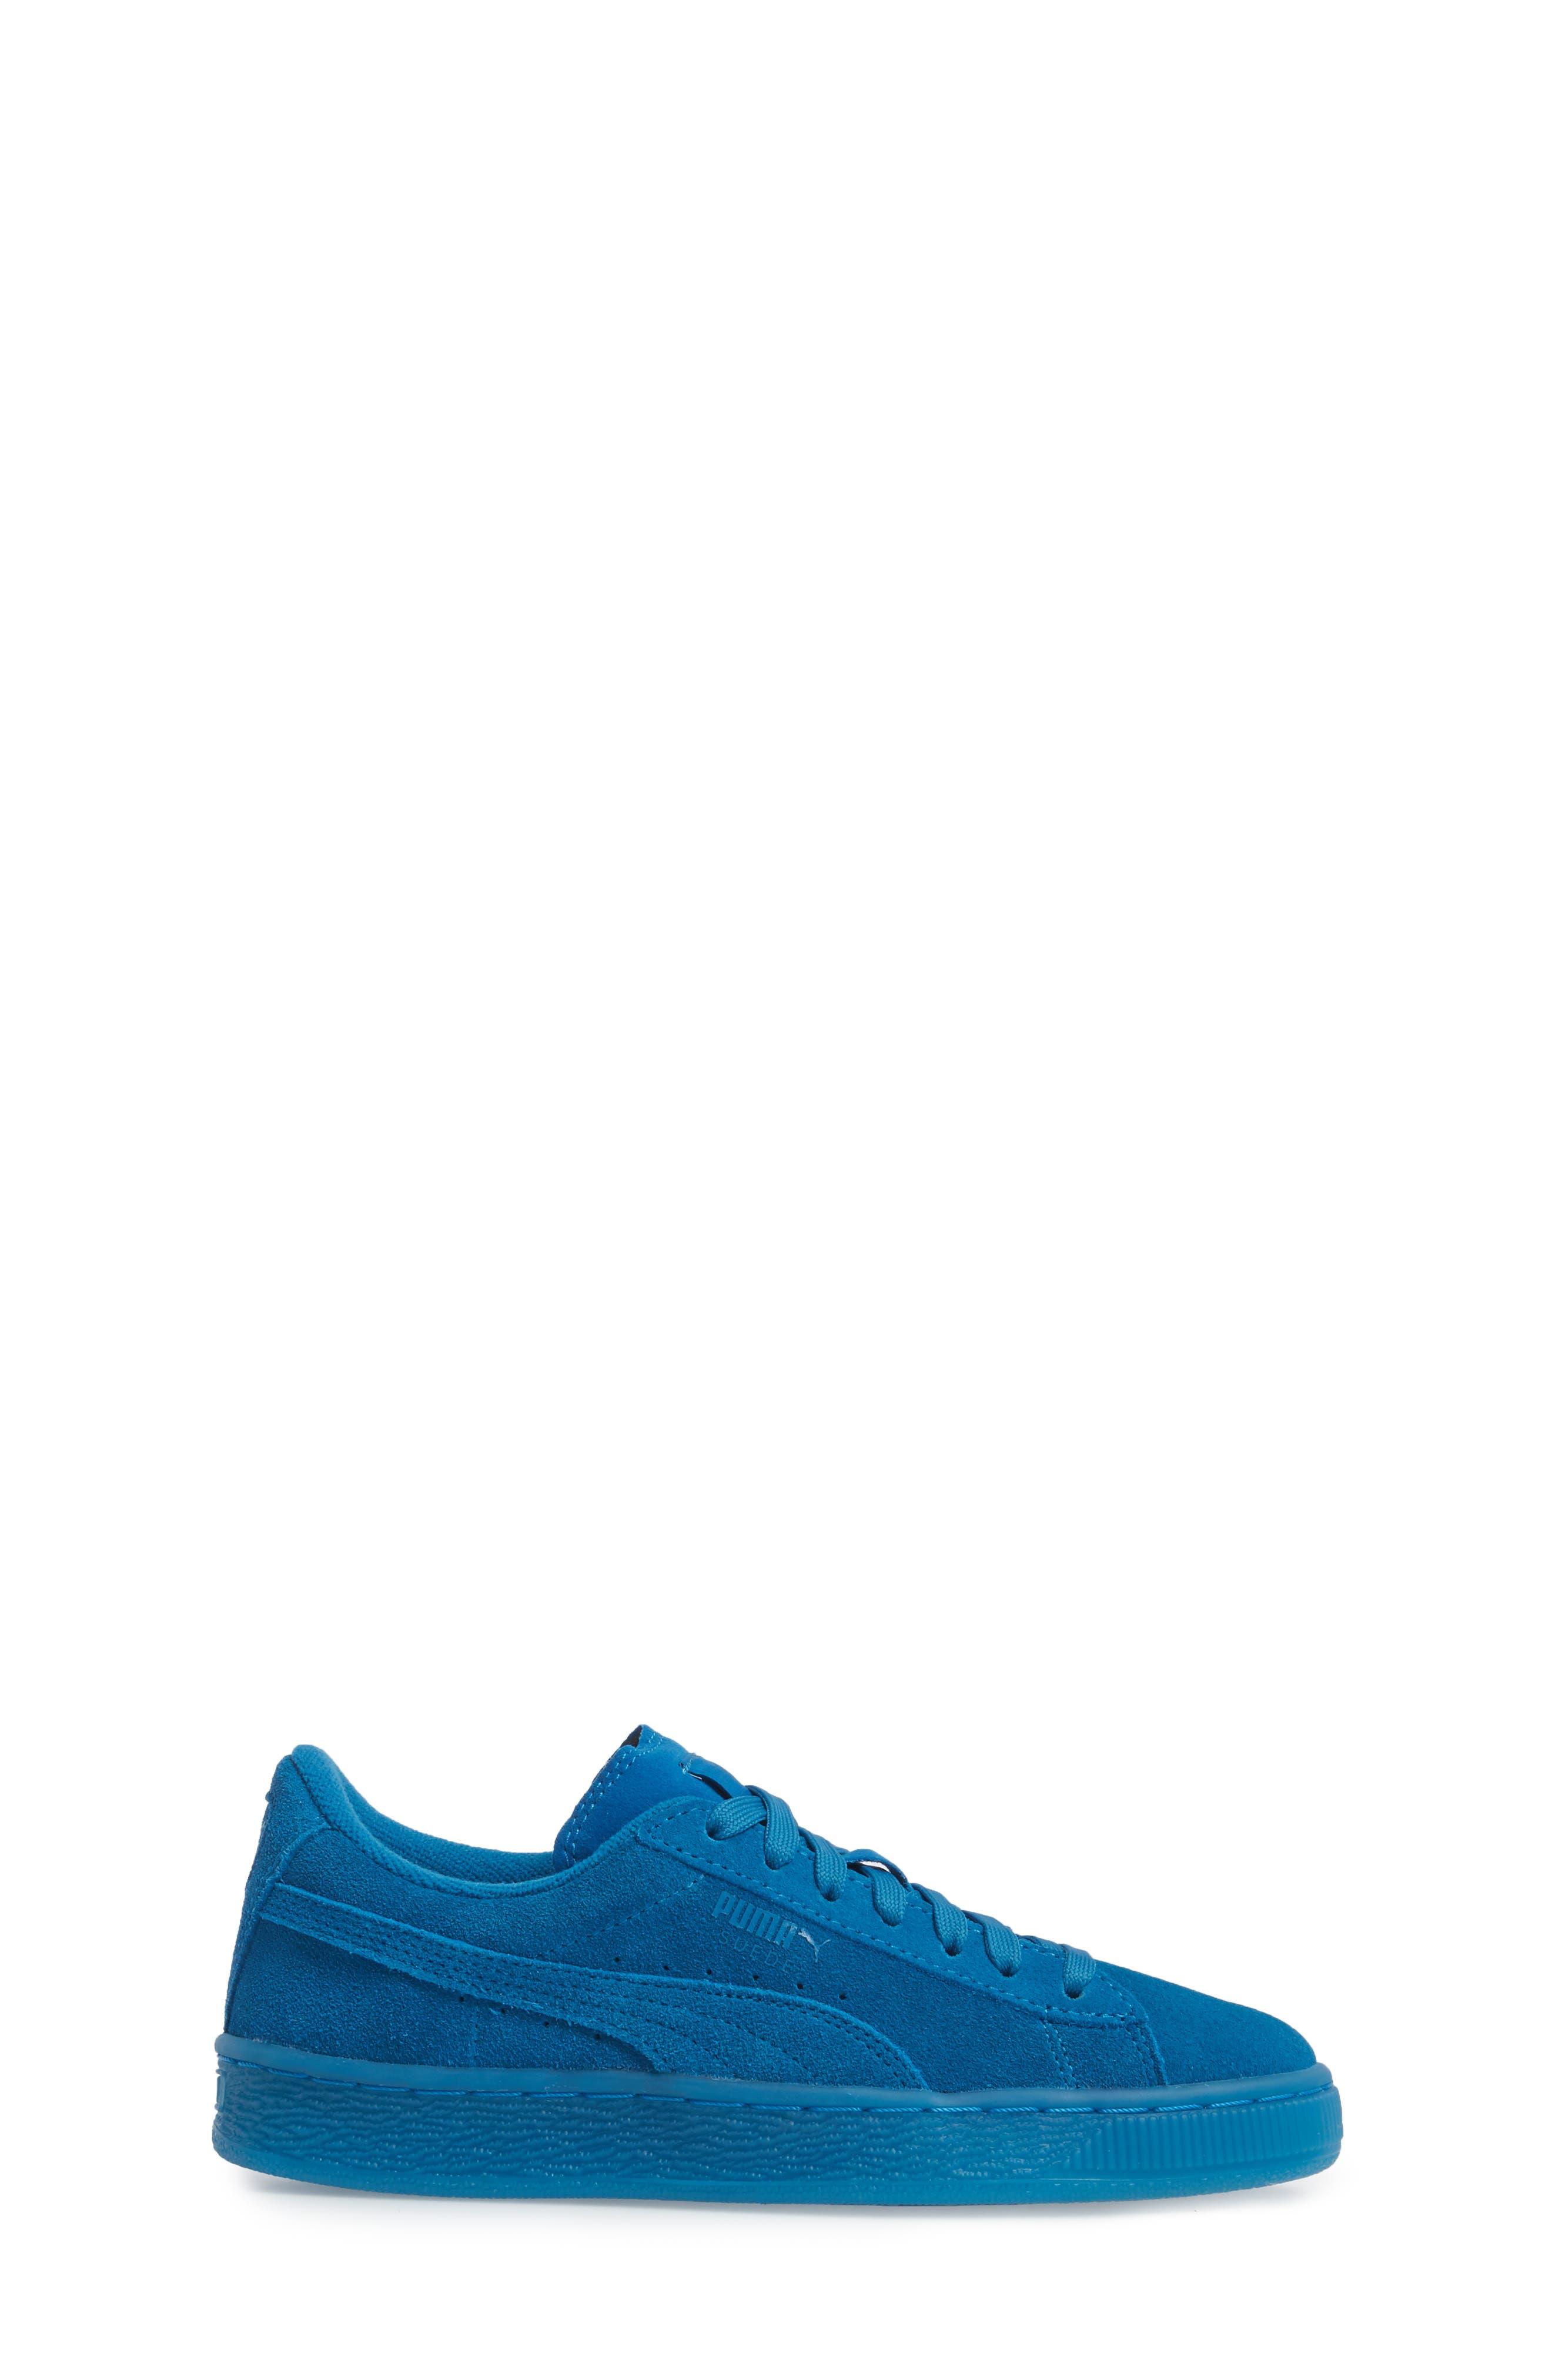 Alternate Image 3  - PUMA 'Suede Iced' Sneaker (Baby, Walker, Toddler, Little Kid & Big Kid)